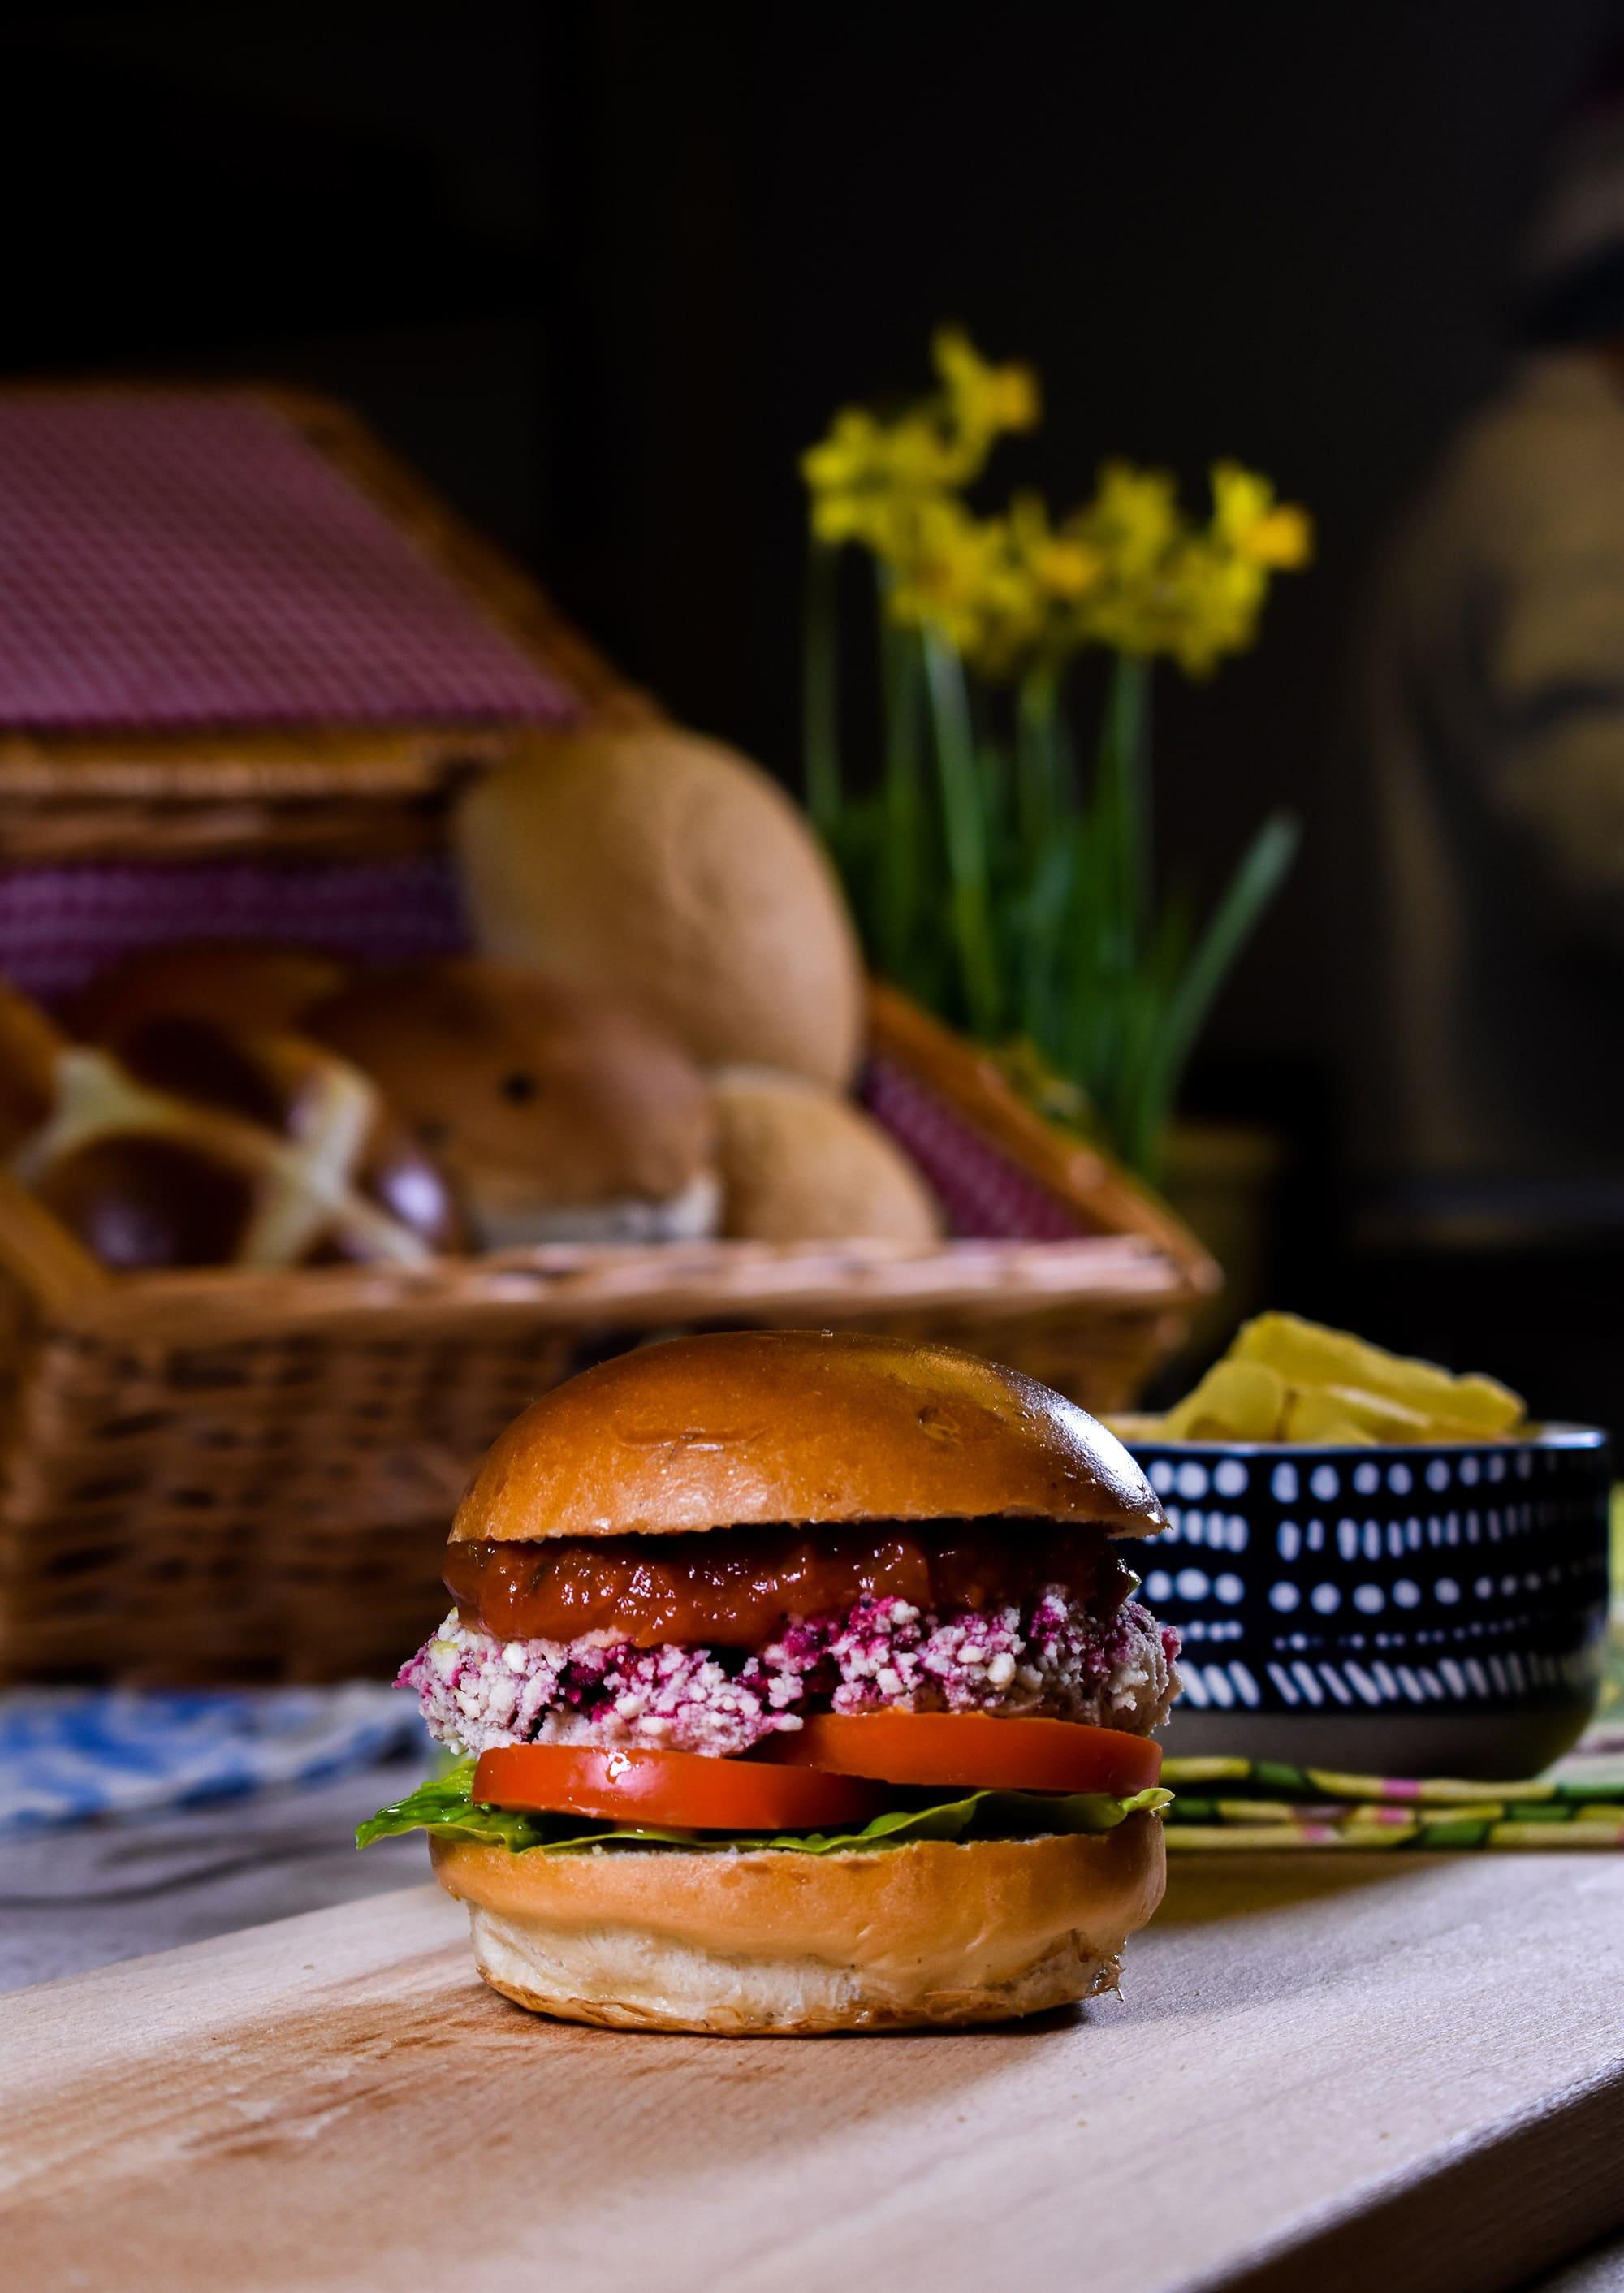 Vegan Brioche Style Bun by Fosters Bakery